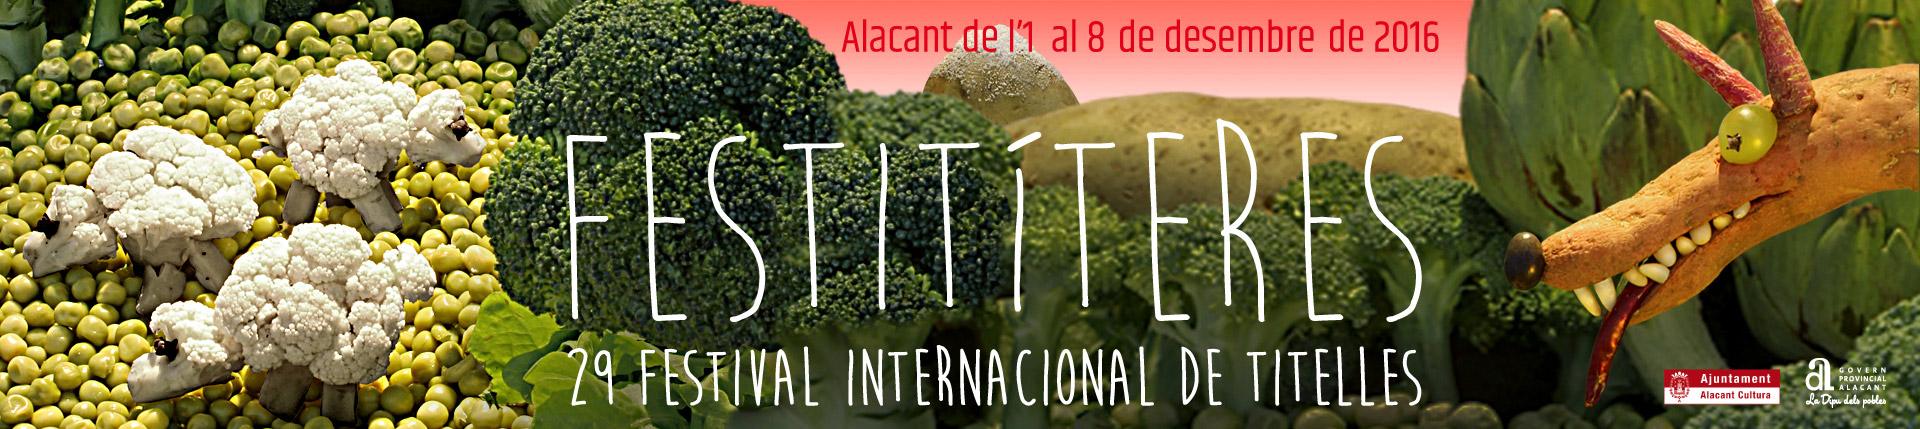 """Festival Internacional de Títeres """"Festitíteres"""" 2016"""